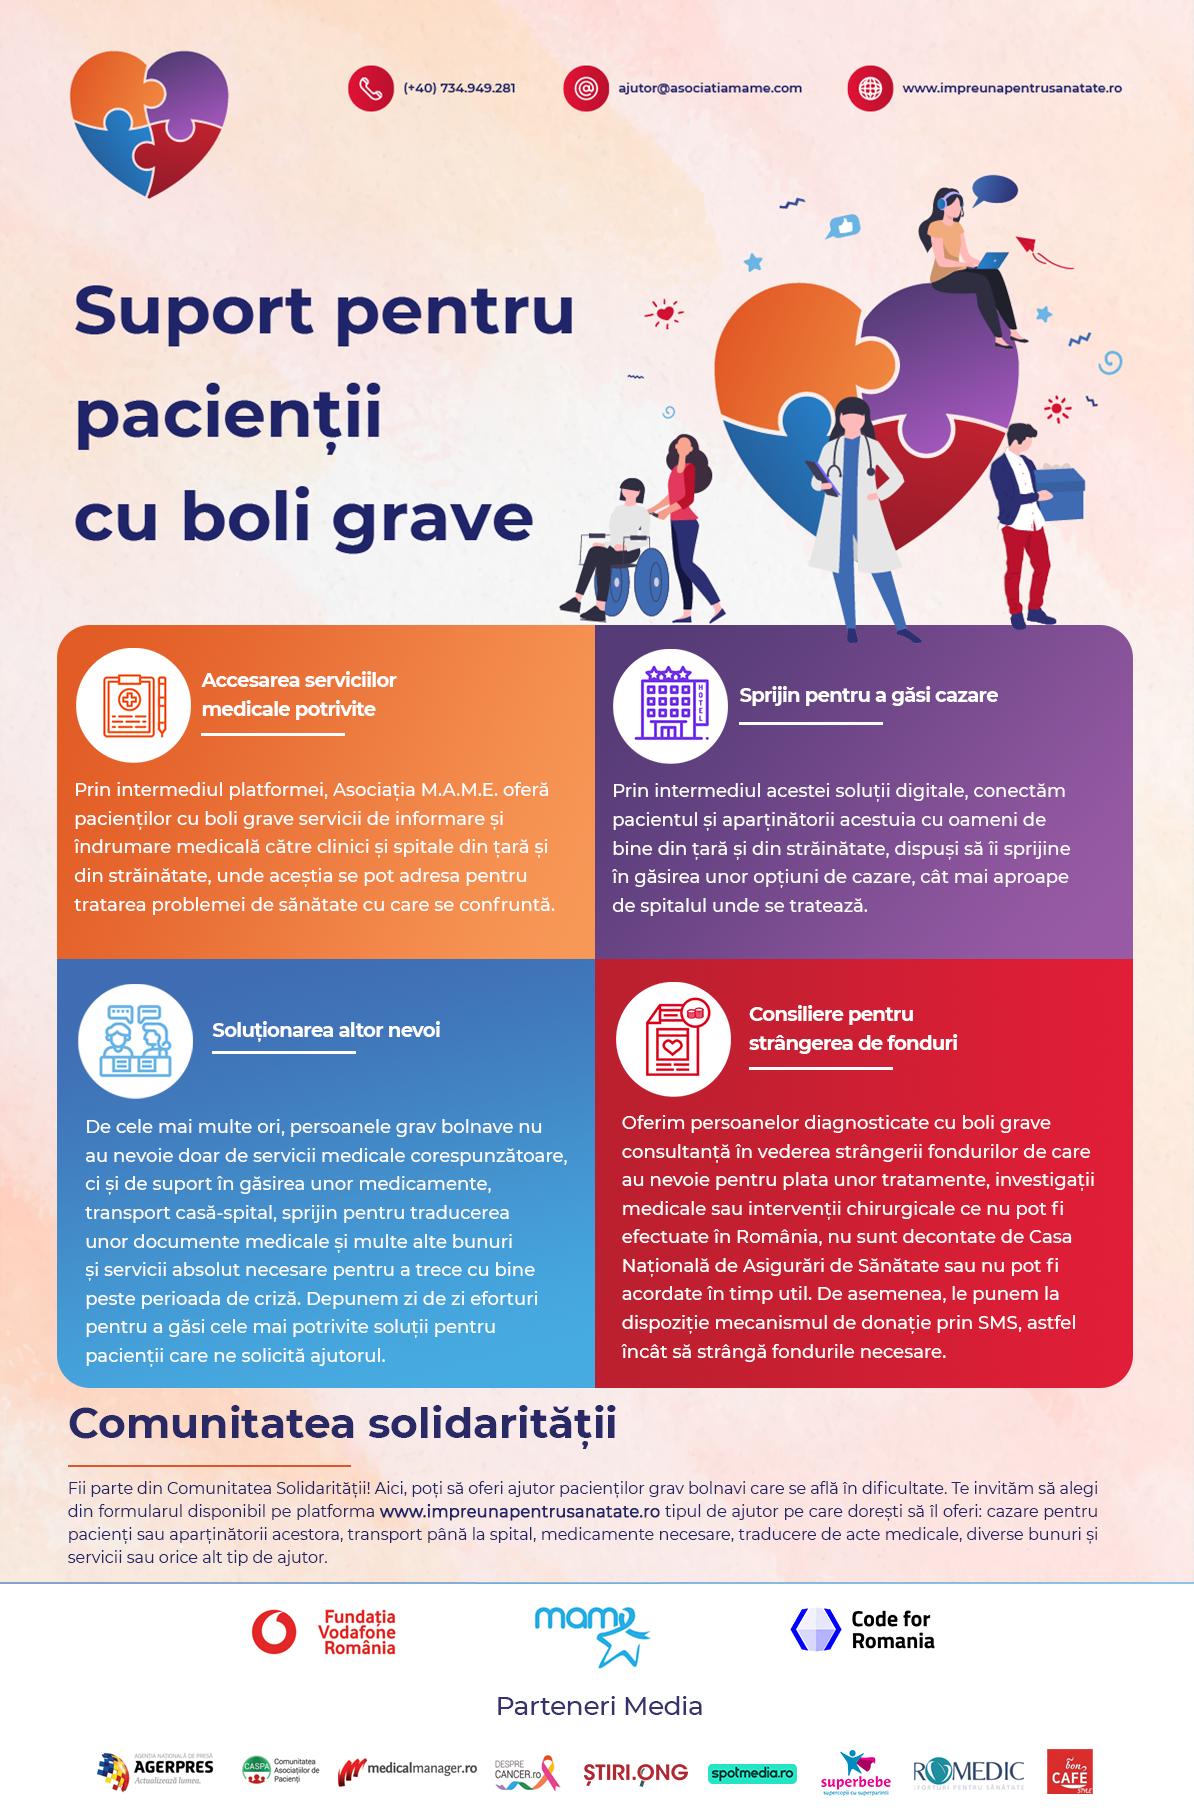 Asociația M.A.M.E. digitalizează sprijinul oferit pacienților diagnosticați cu boli grave din România